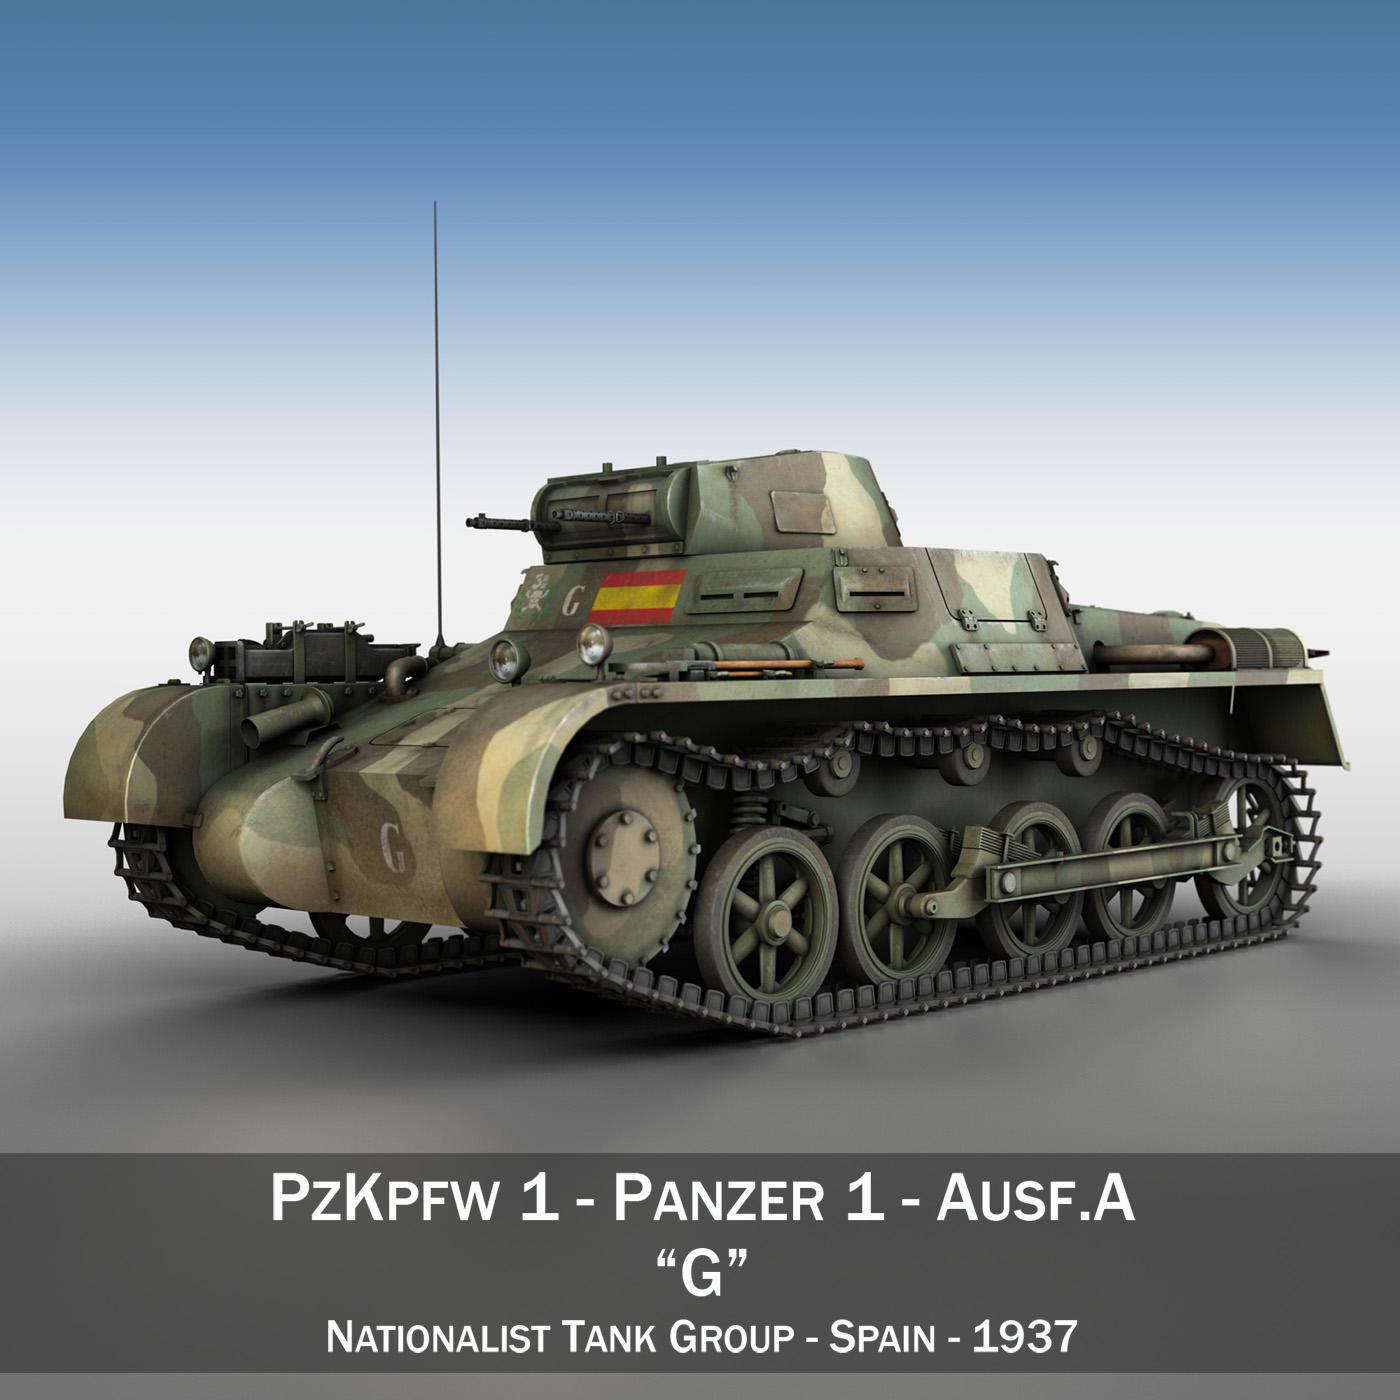 pzkpfw 1 – panzer 1 – ausf. a – g 3d model 3ds fbx lwo lw lws obj c4d 265447